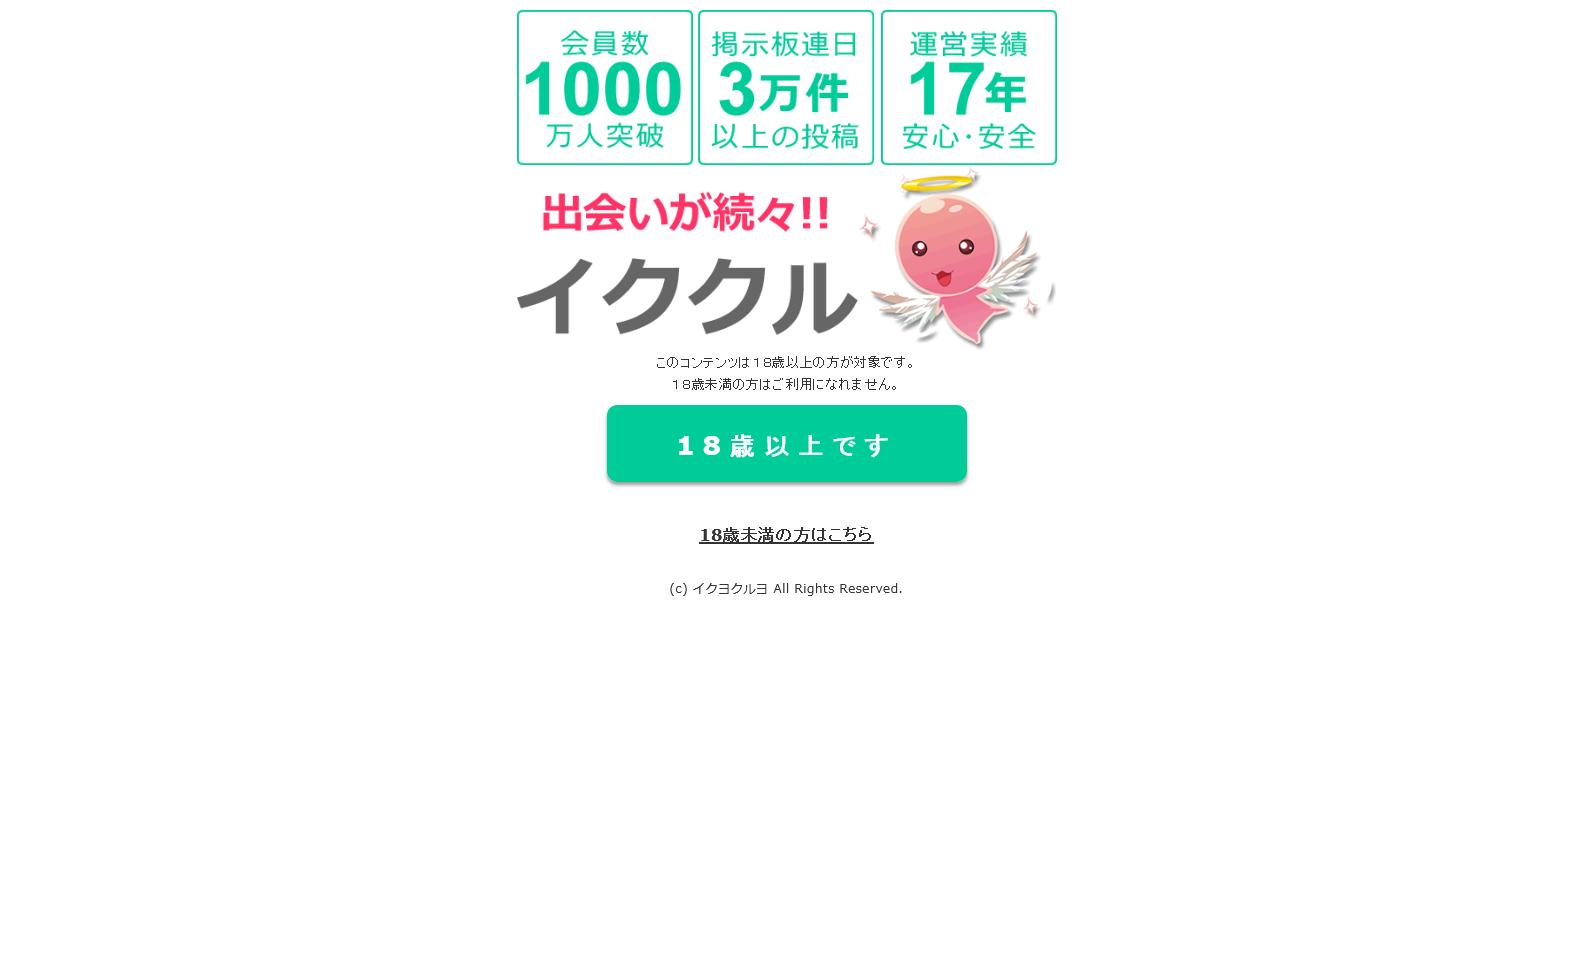 出会いのイククル-出会いはイククル【イクヨクルヨ公式サイト】出会い系最大級!会員数1500万人!